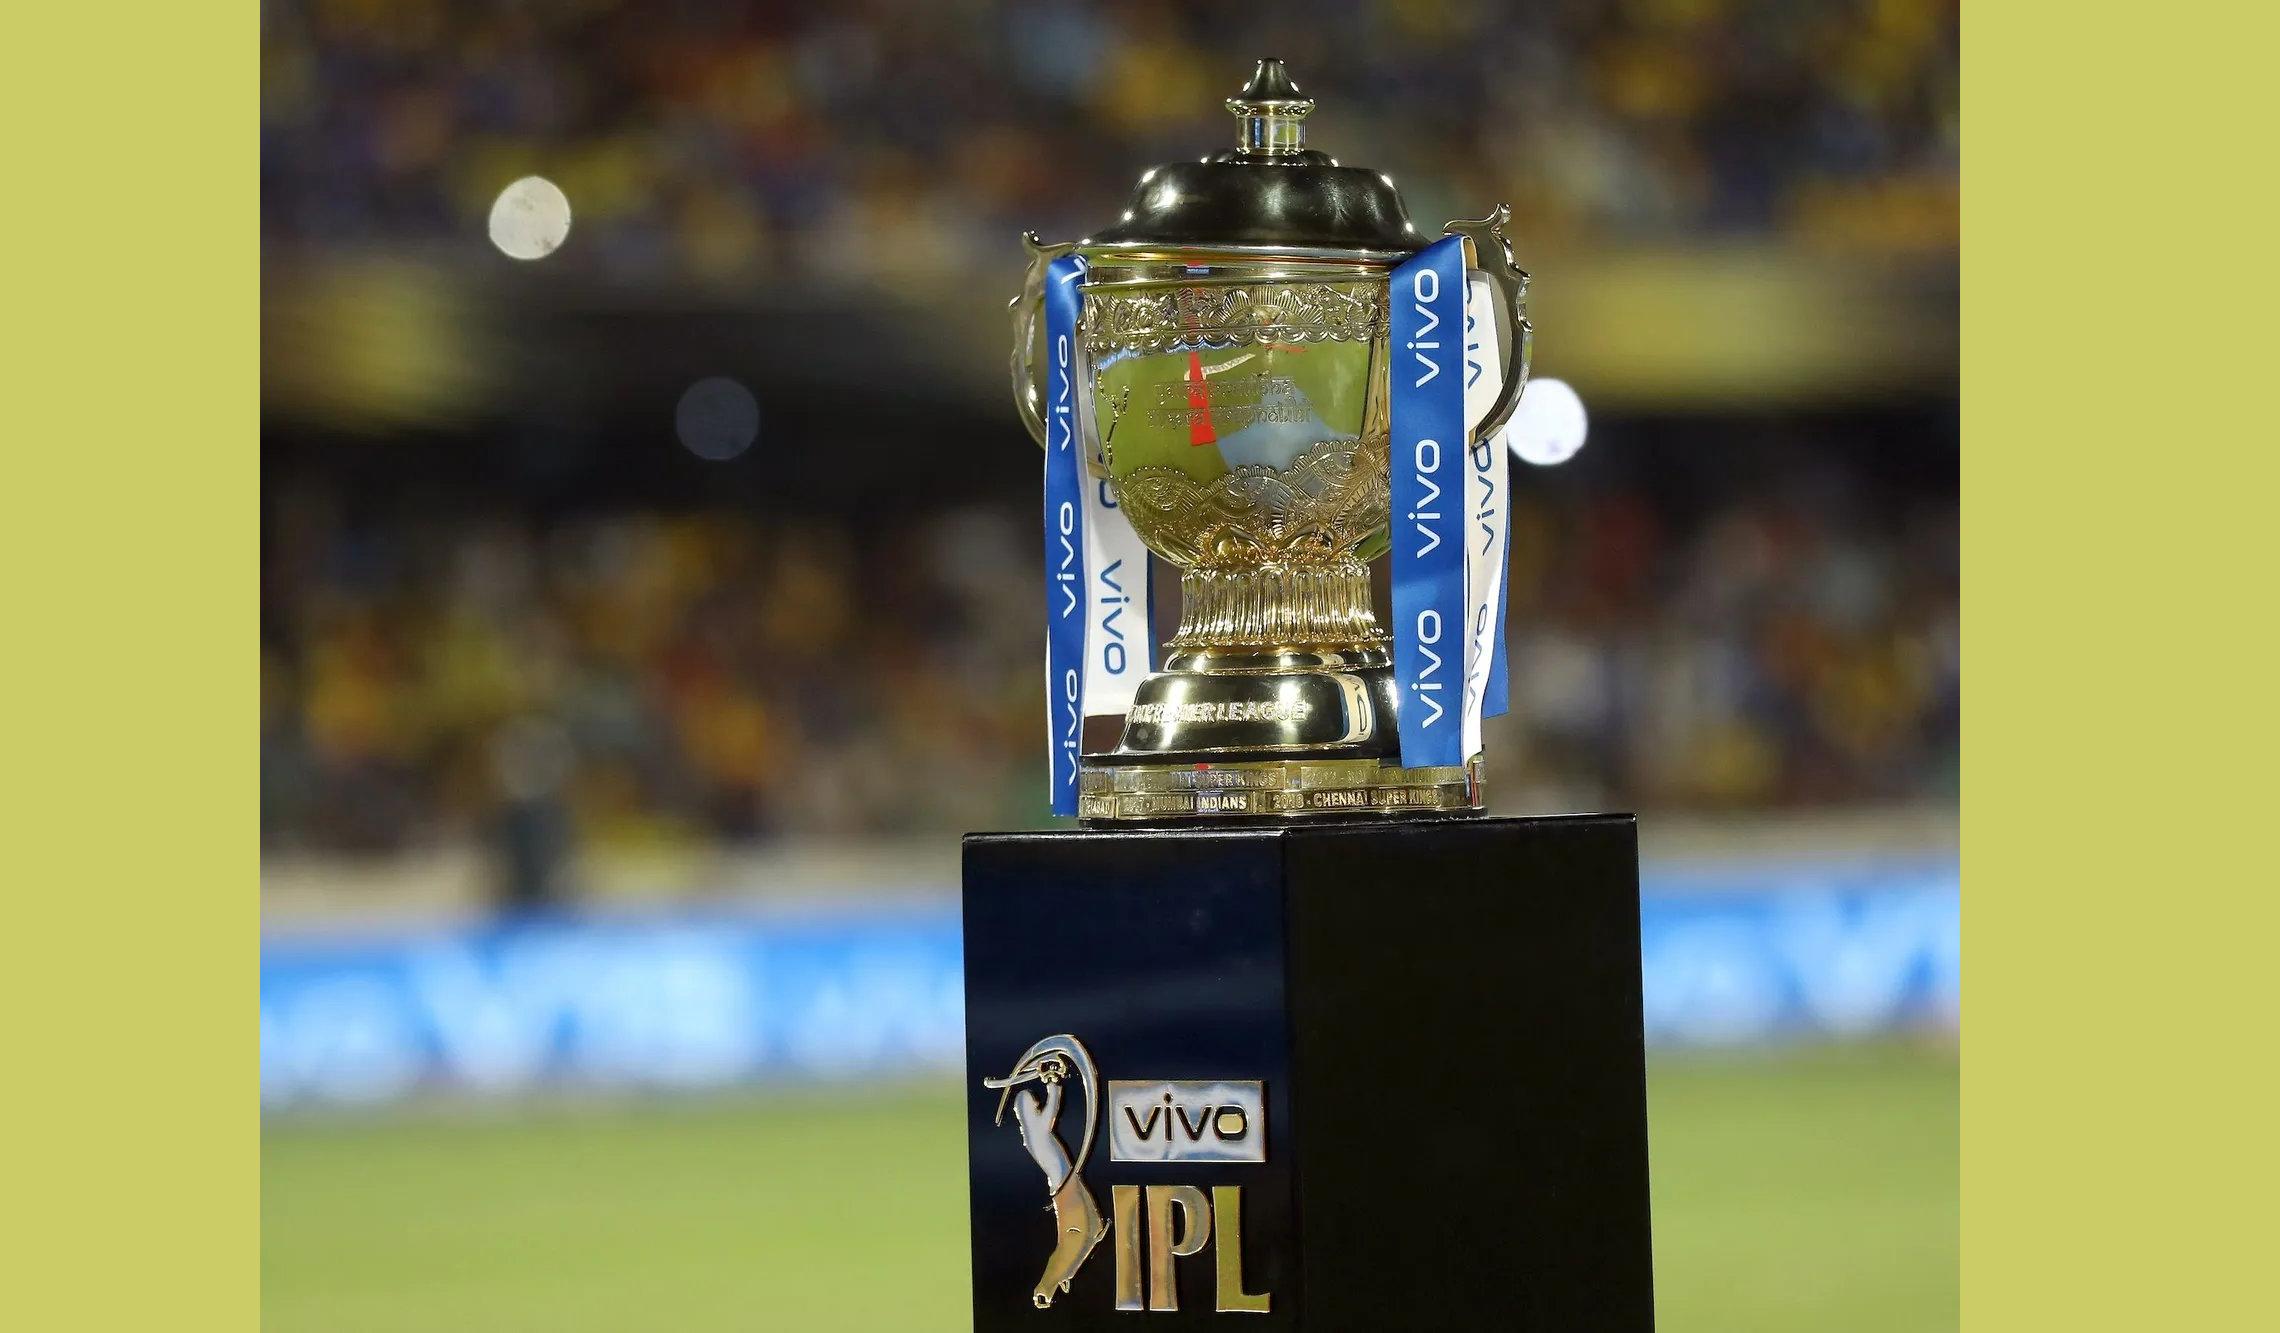 IPL 2021 के बचे मुकाबले 19 सितंबर से होंगे शुरू, फाइनल 15 अक्टूबर को दशहरे पर: रिपोर्ट